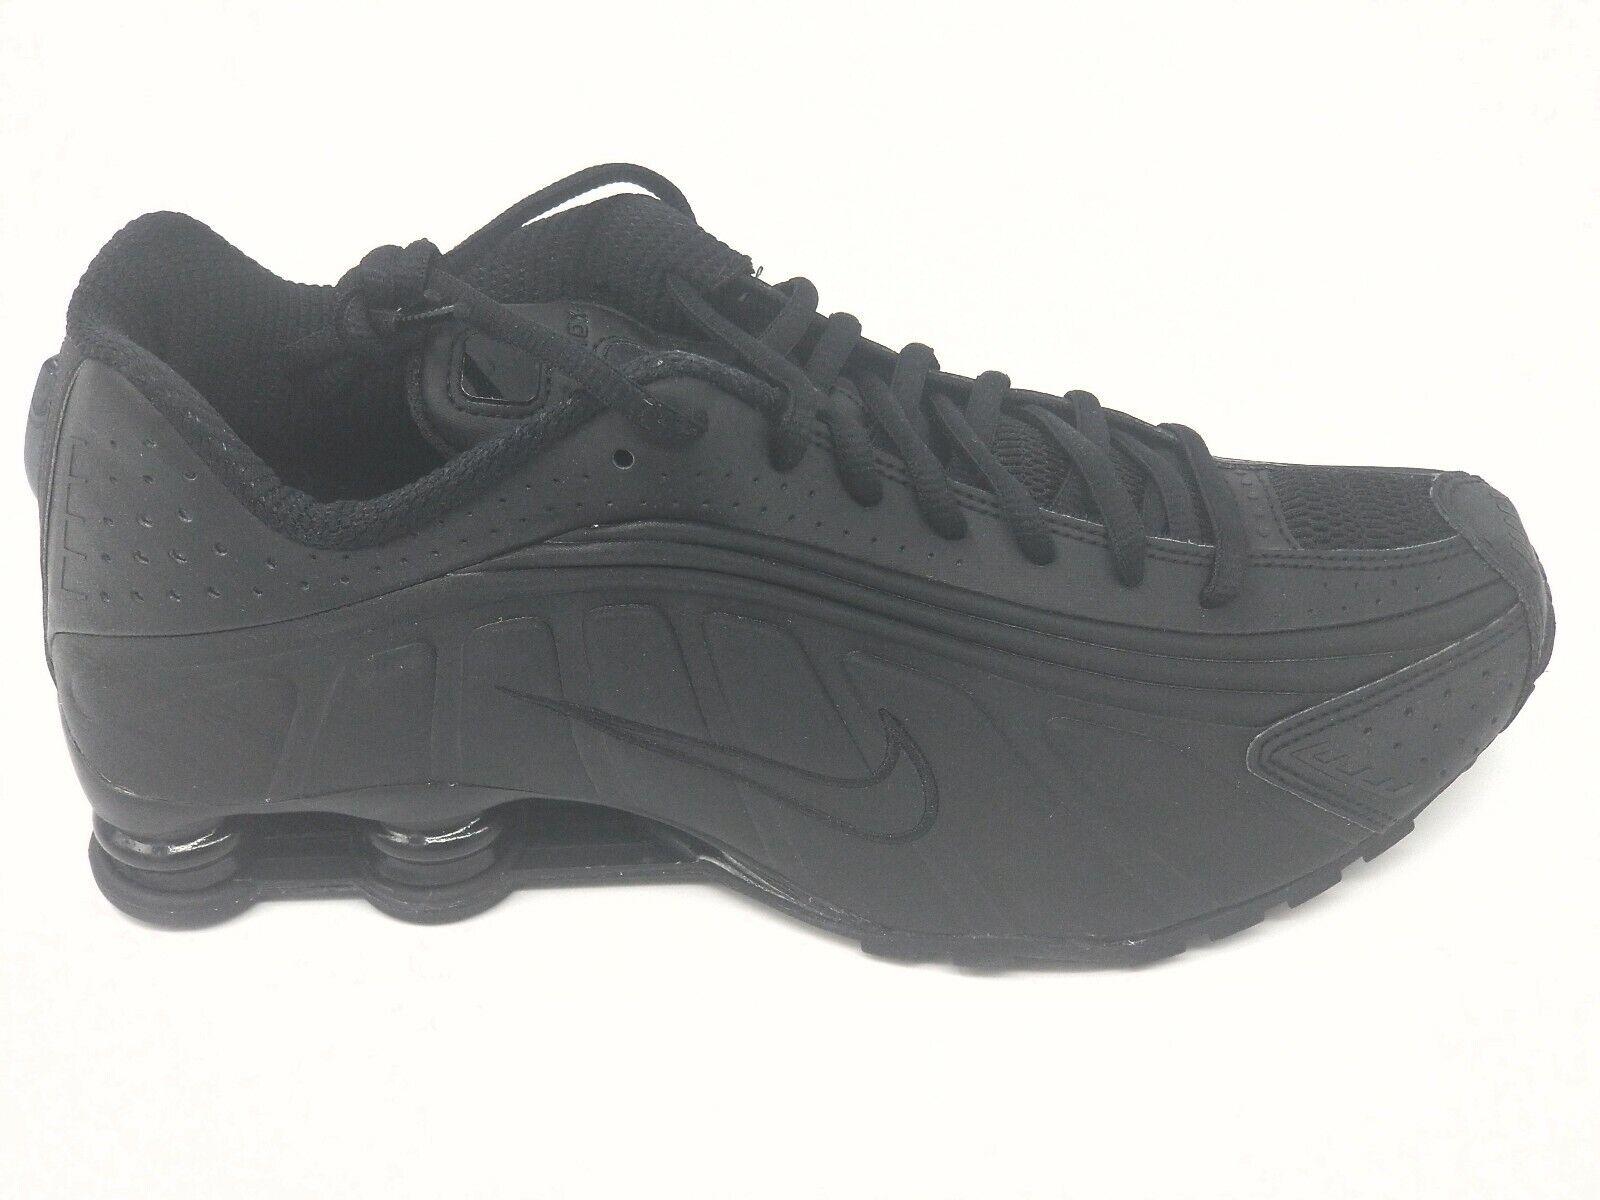 11648b3ddab20 Nike Shox R4 Size 11.5 Black Black Black Triple Black Bv1111 001 for ...